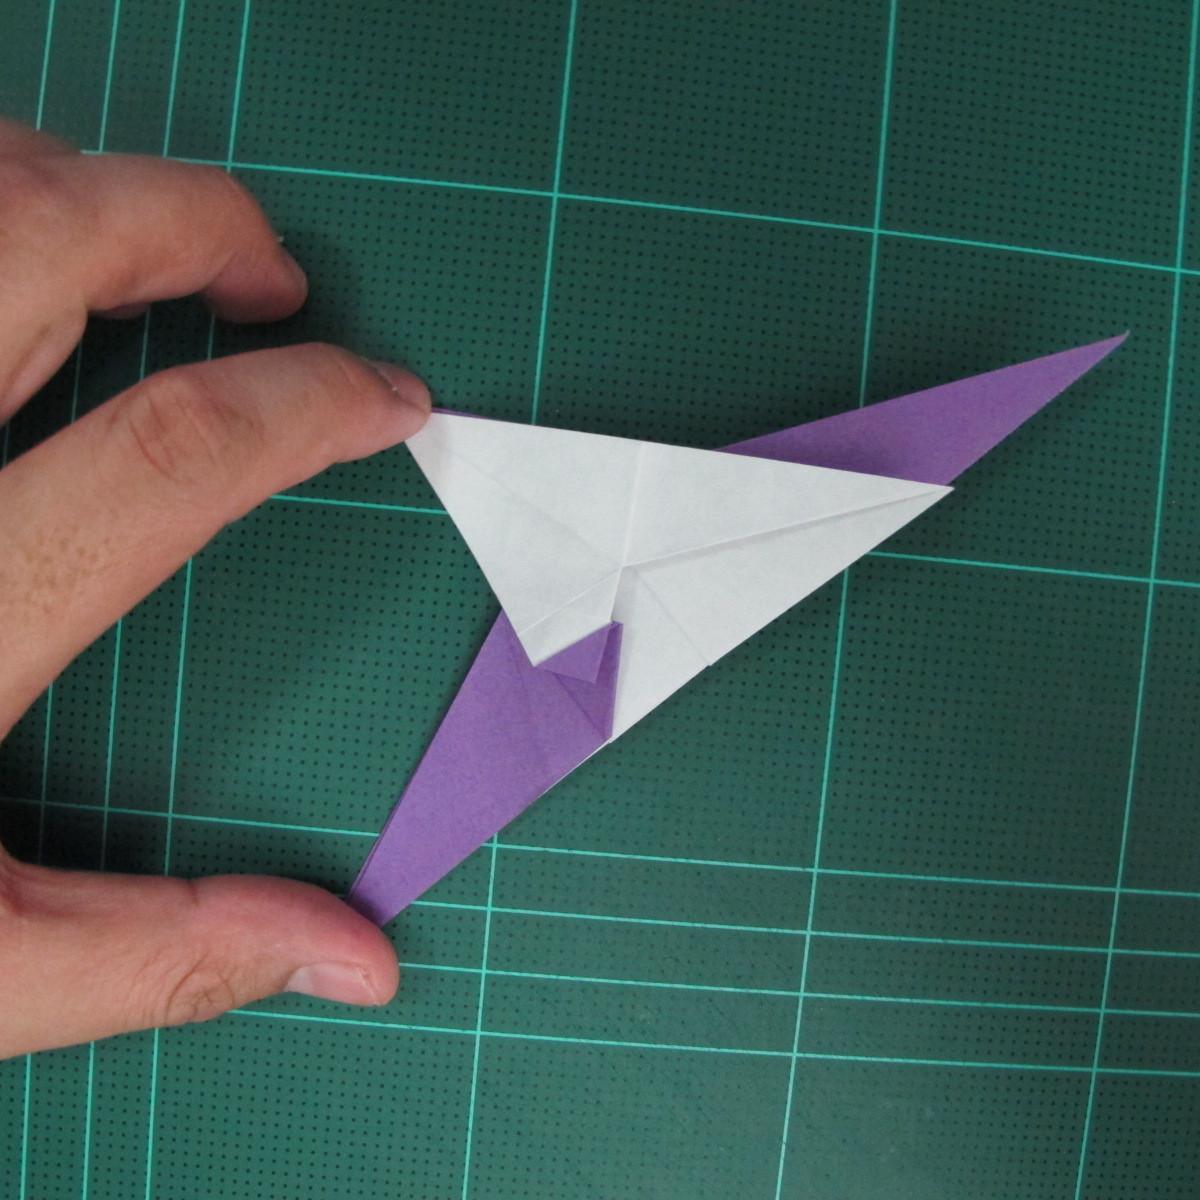 วิธีพับกระดาษเป็นรูปนกอินทรี (Origami Eagle) 018